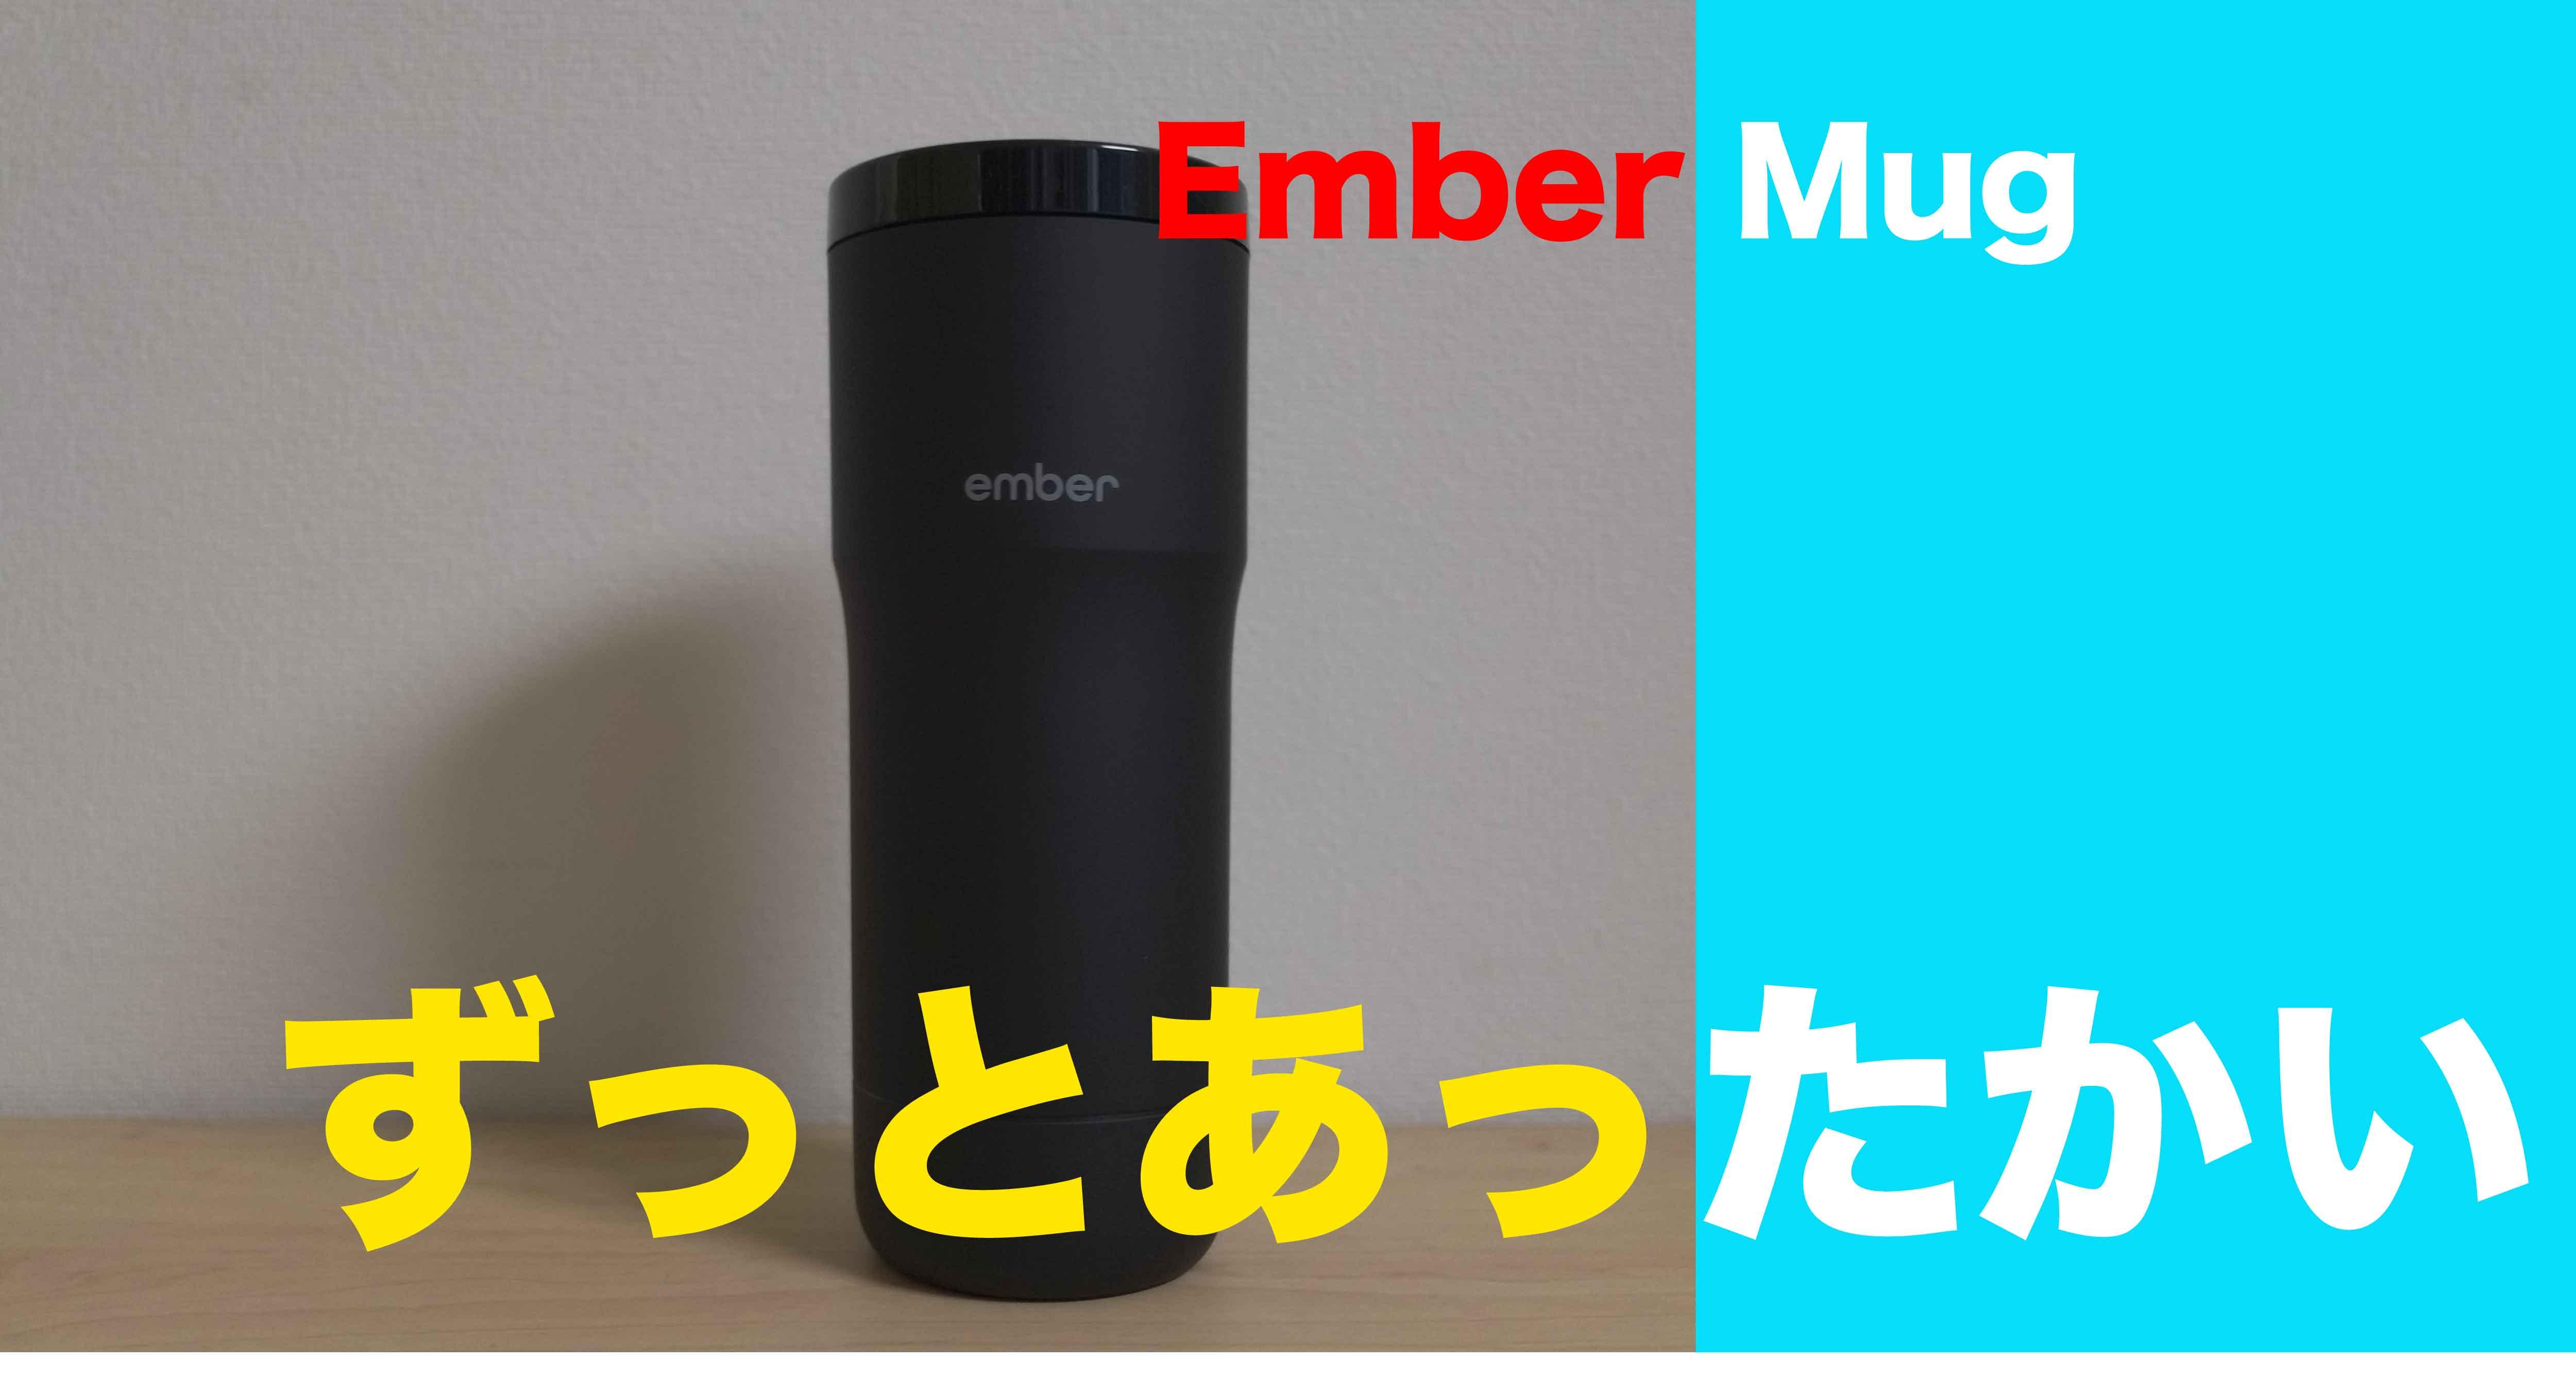 ずーっとずっとあたたかい、温度を管理出来るスマートタンブラー「Ember」をご紹介!